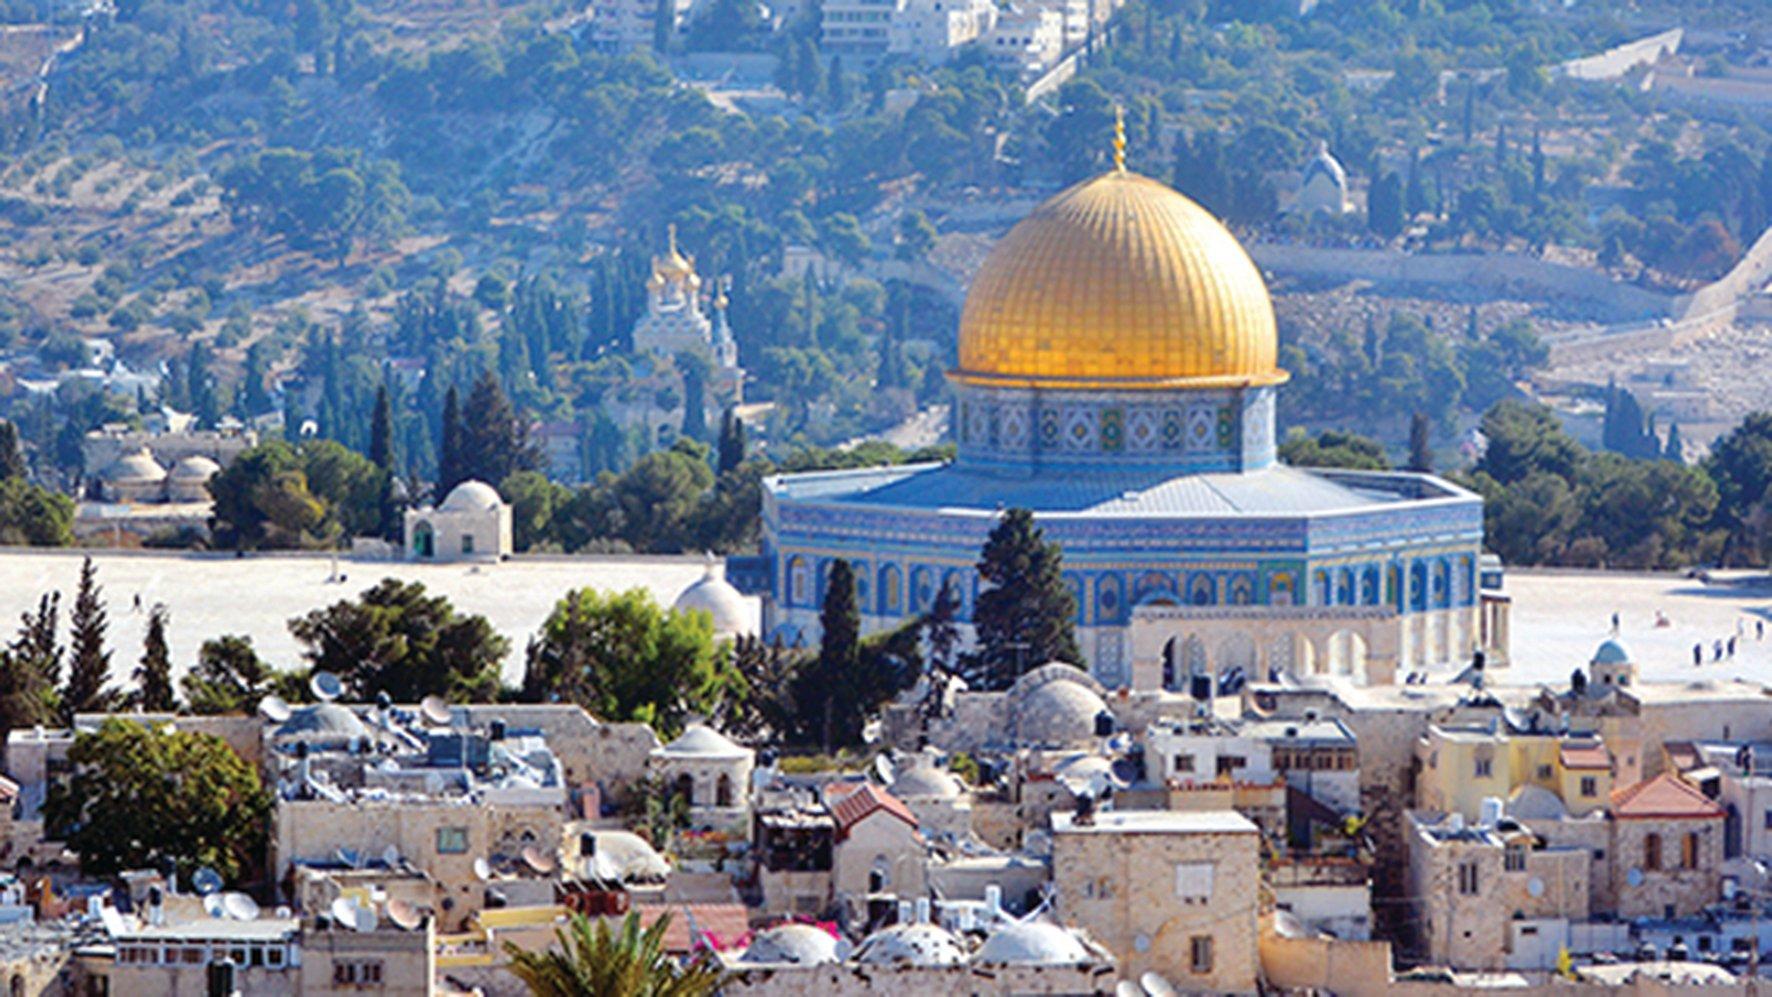 Le CNP: Permettre aux Juifs de Prier dans la Mosquée Al-Aqsa est une Agression contre les Musulmans